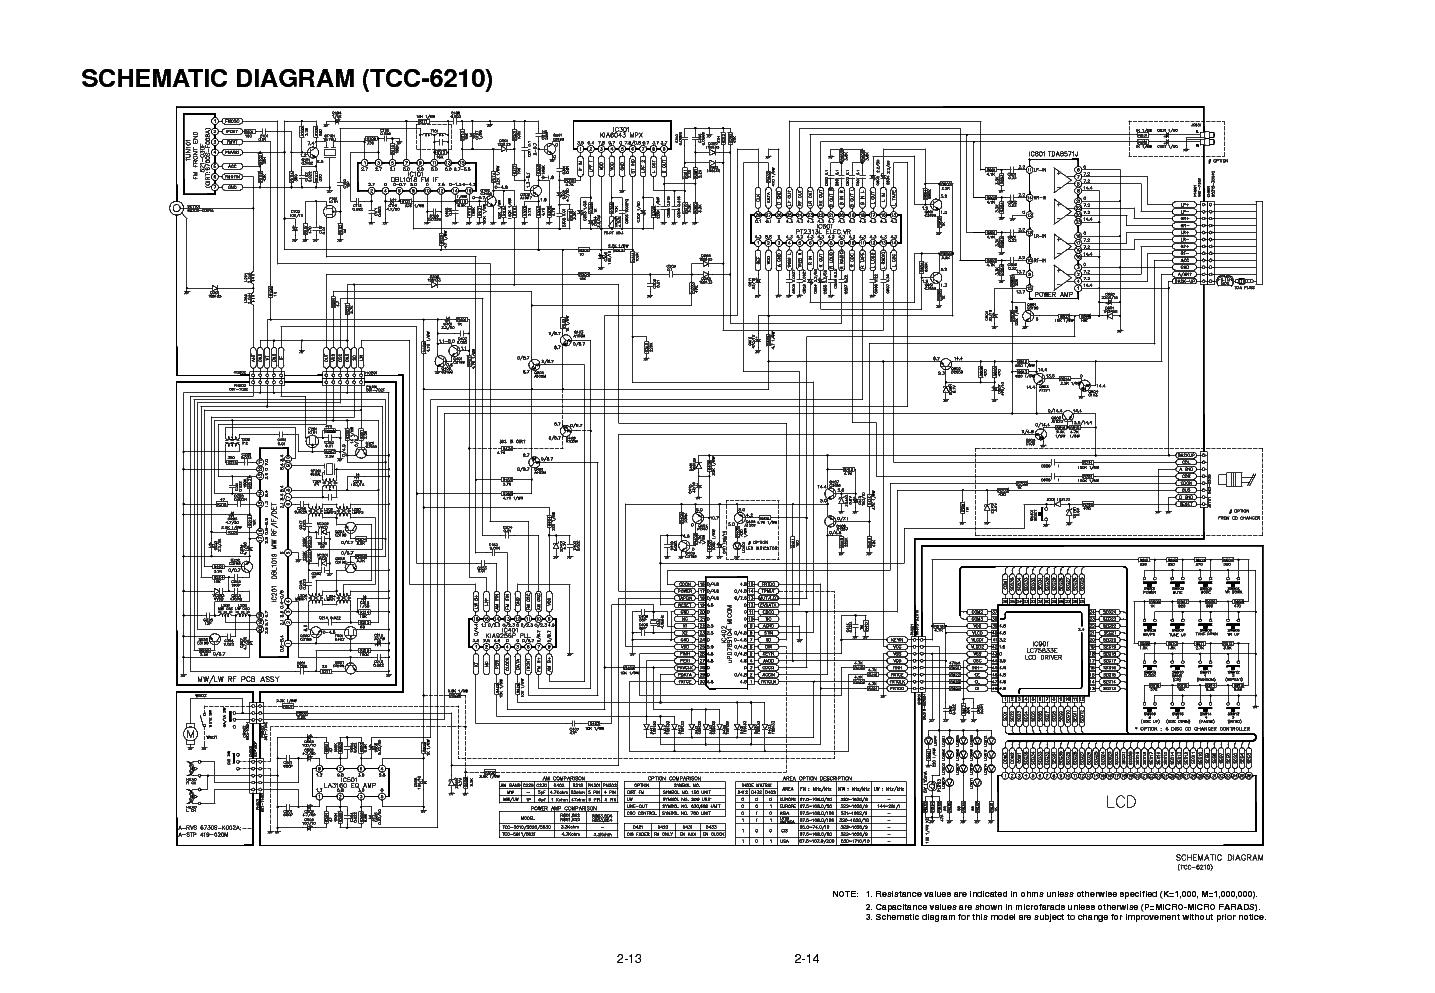 АВТОМАГНИТОЛЛА LG TCC-5650 СХЕМА СКАЧАТЬ БЕСПЛАТНО